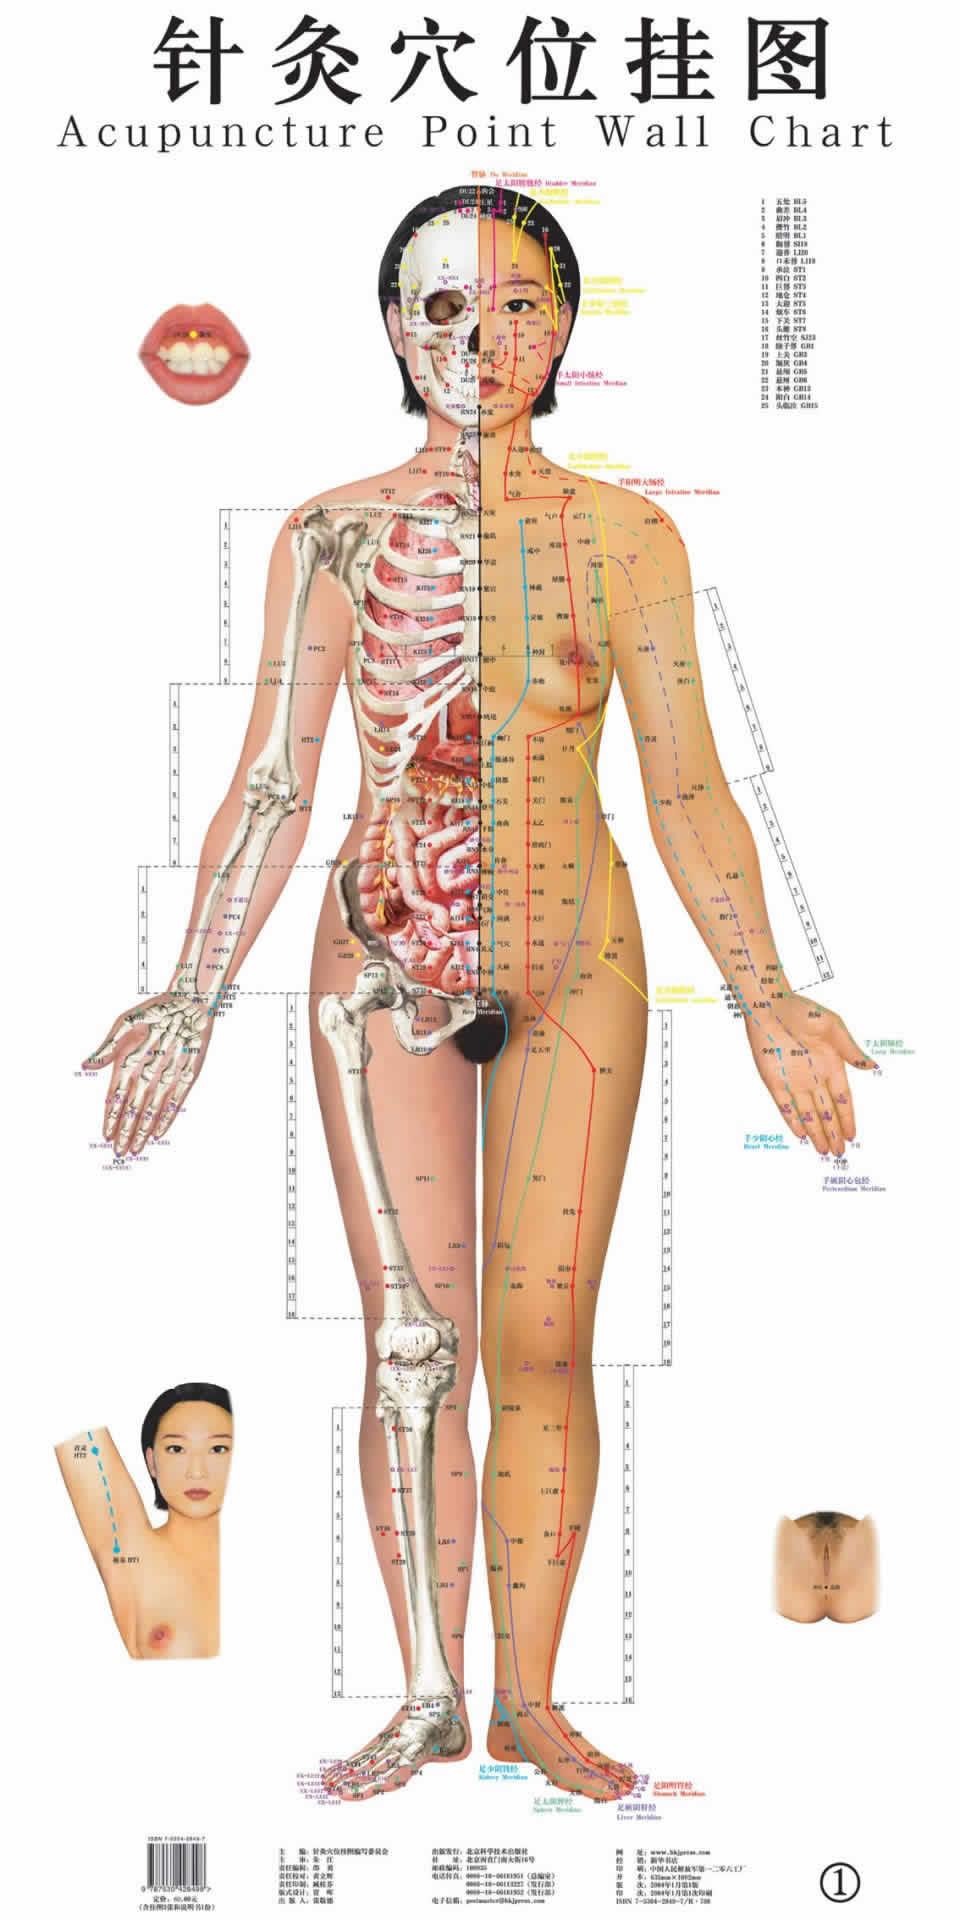 谁有针灸的穴位解剖图